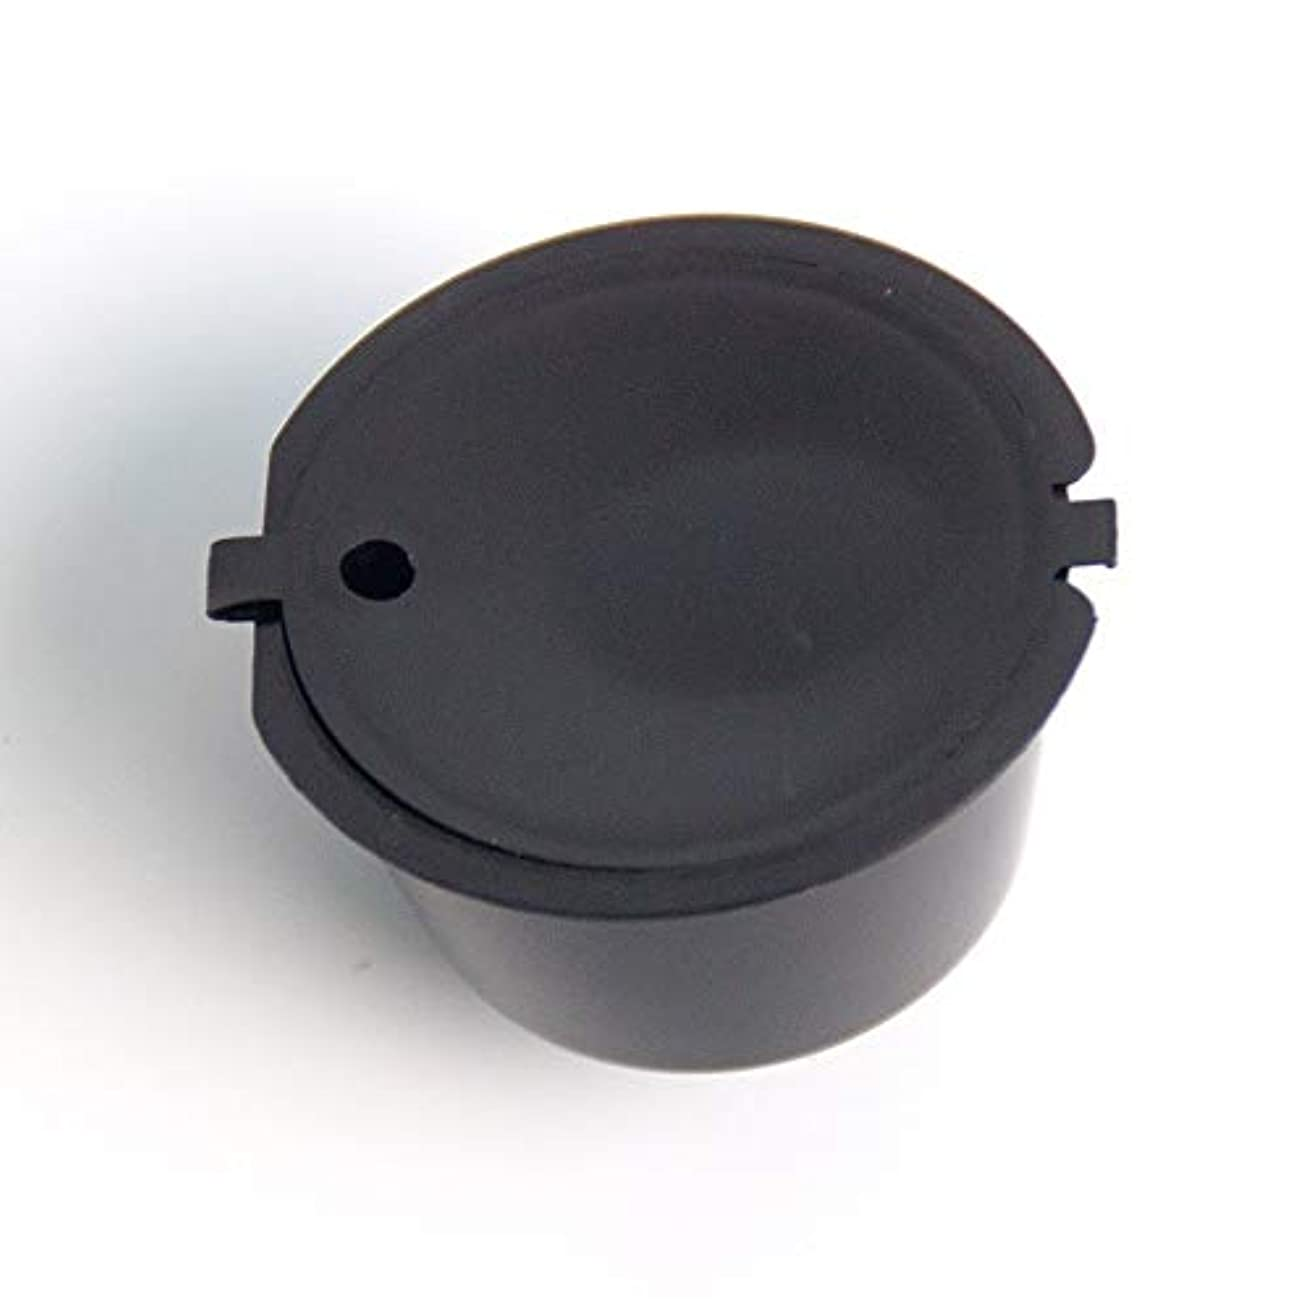 潜むお客様公園Maxcrestas - 1個11色プラスチック詰め替えコーヒーカプセルカップ200タイムズネスカフェドルチェグストフィルターバスケットのカプセルのための再利用可能な互換性